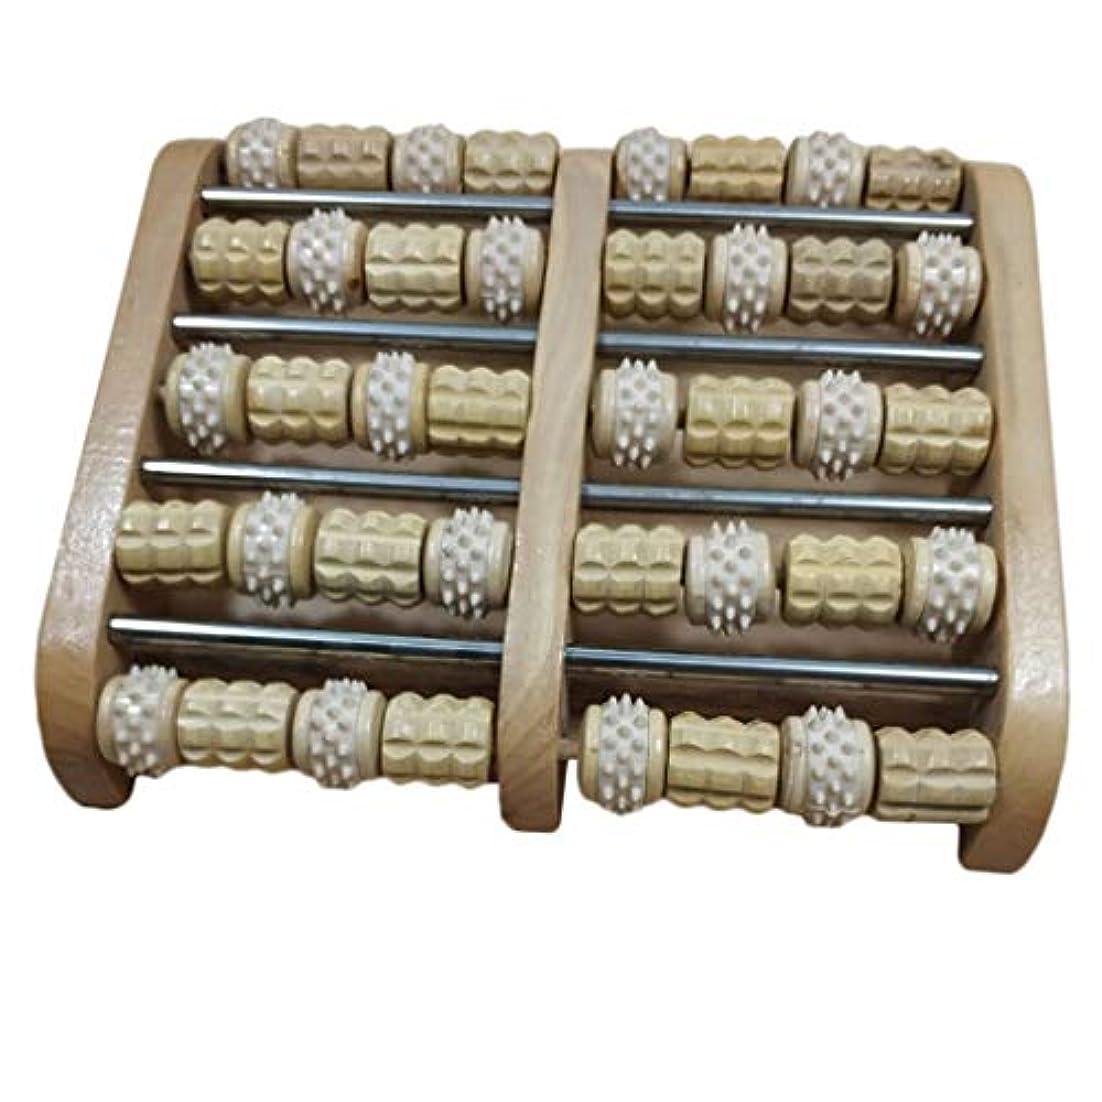 歯科の九分類するデュアルフットマッサージローラー 家庭用 サロン用 フットマッサージ 木製 高品質